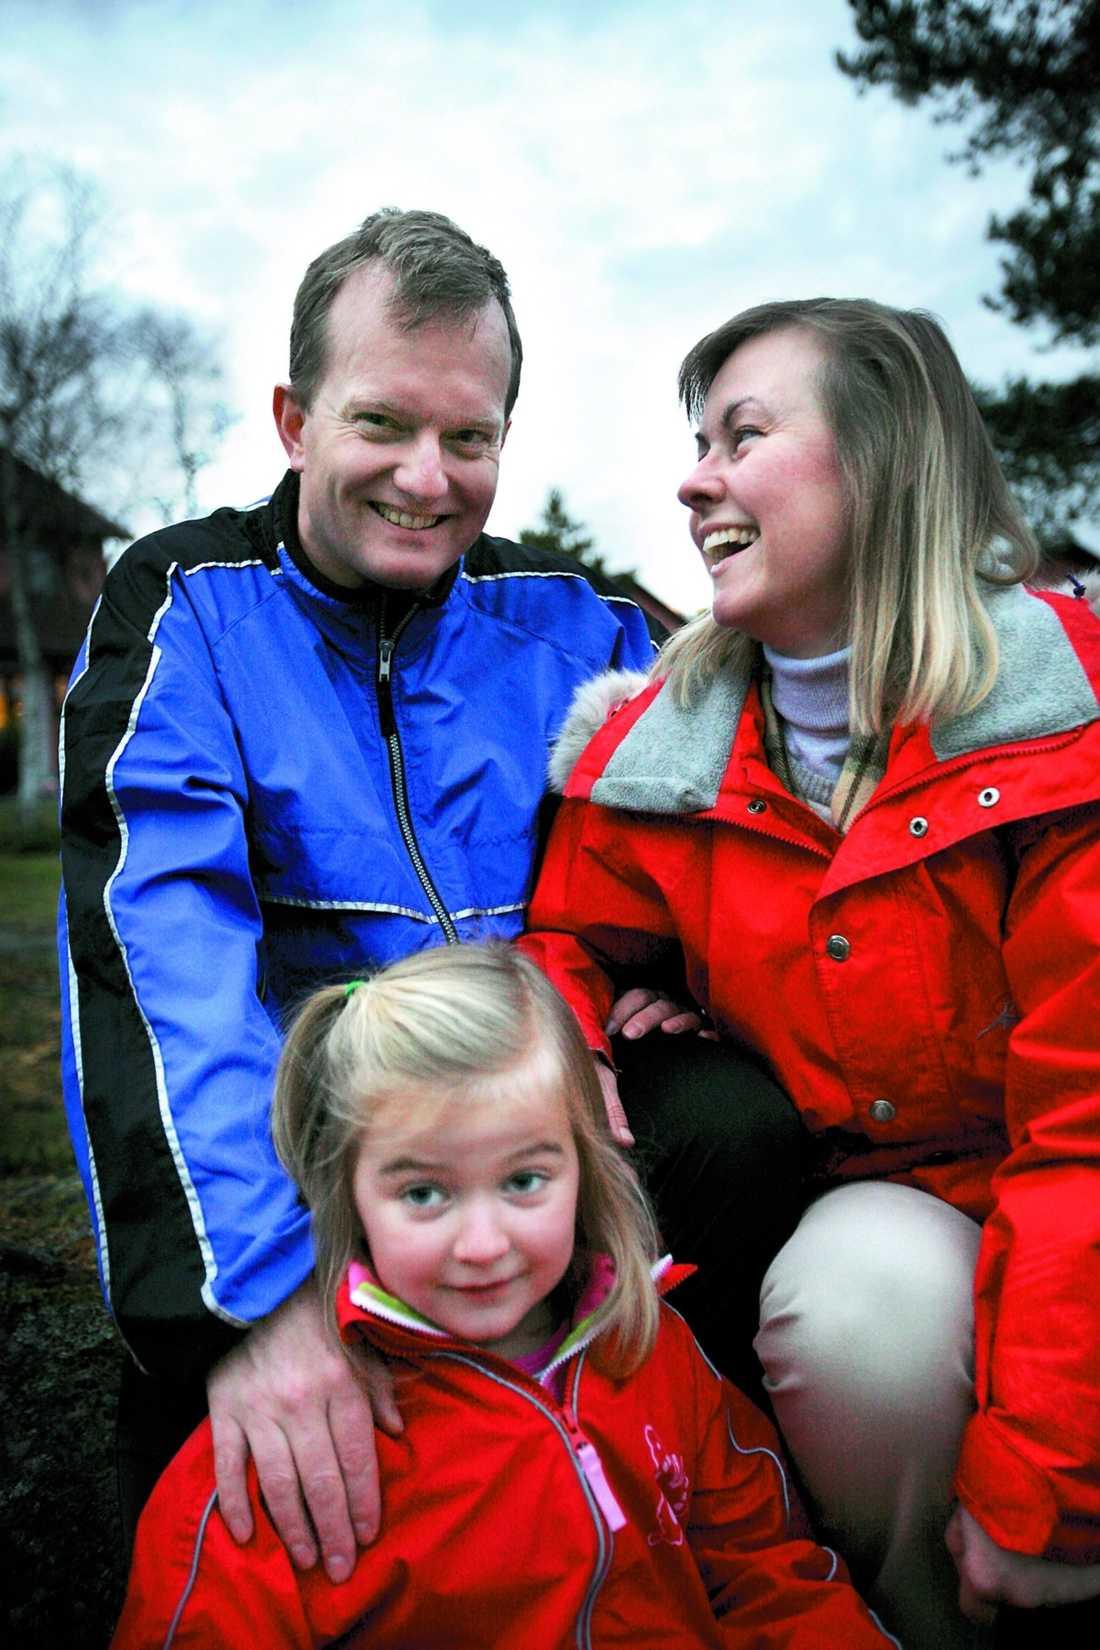 Det händer att Ulfs fru Annelie, 44, och dotter Jenny, 6, skickar ut honom på en löprunda om han haft en dålig dag på jobbet.